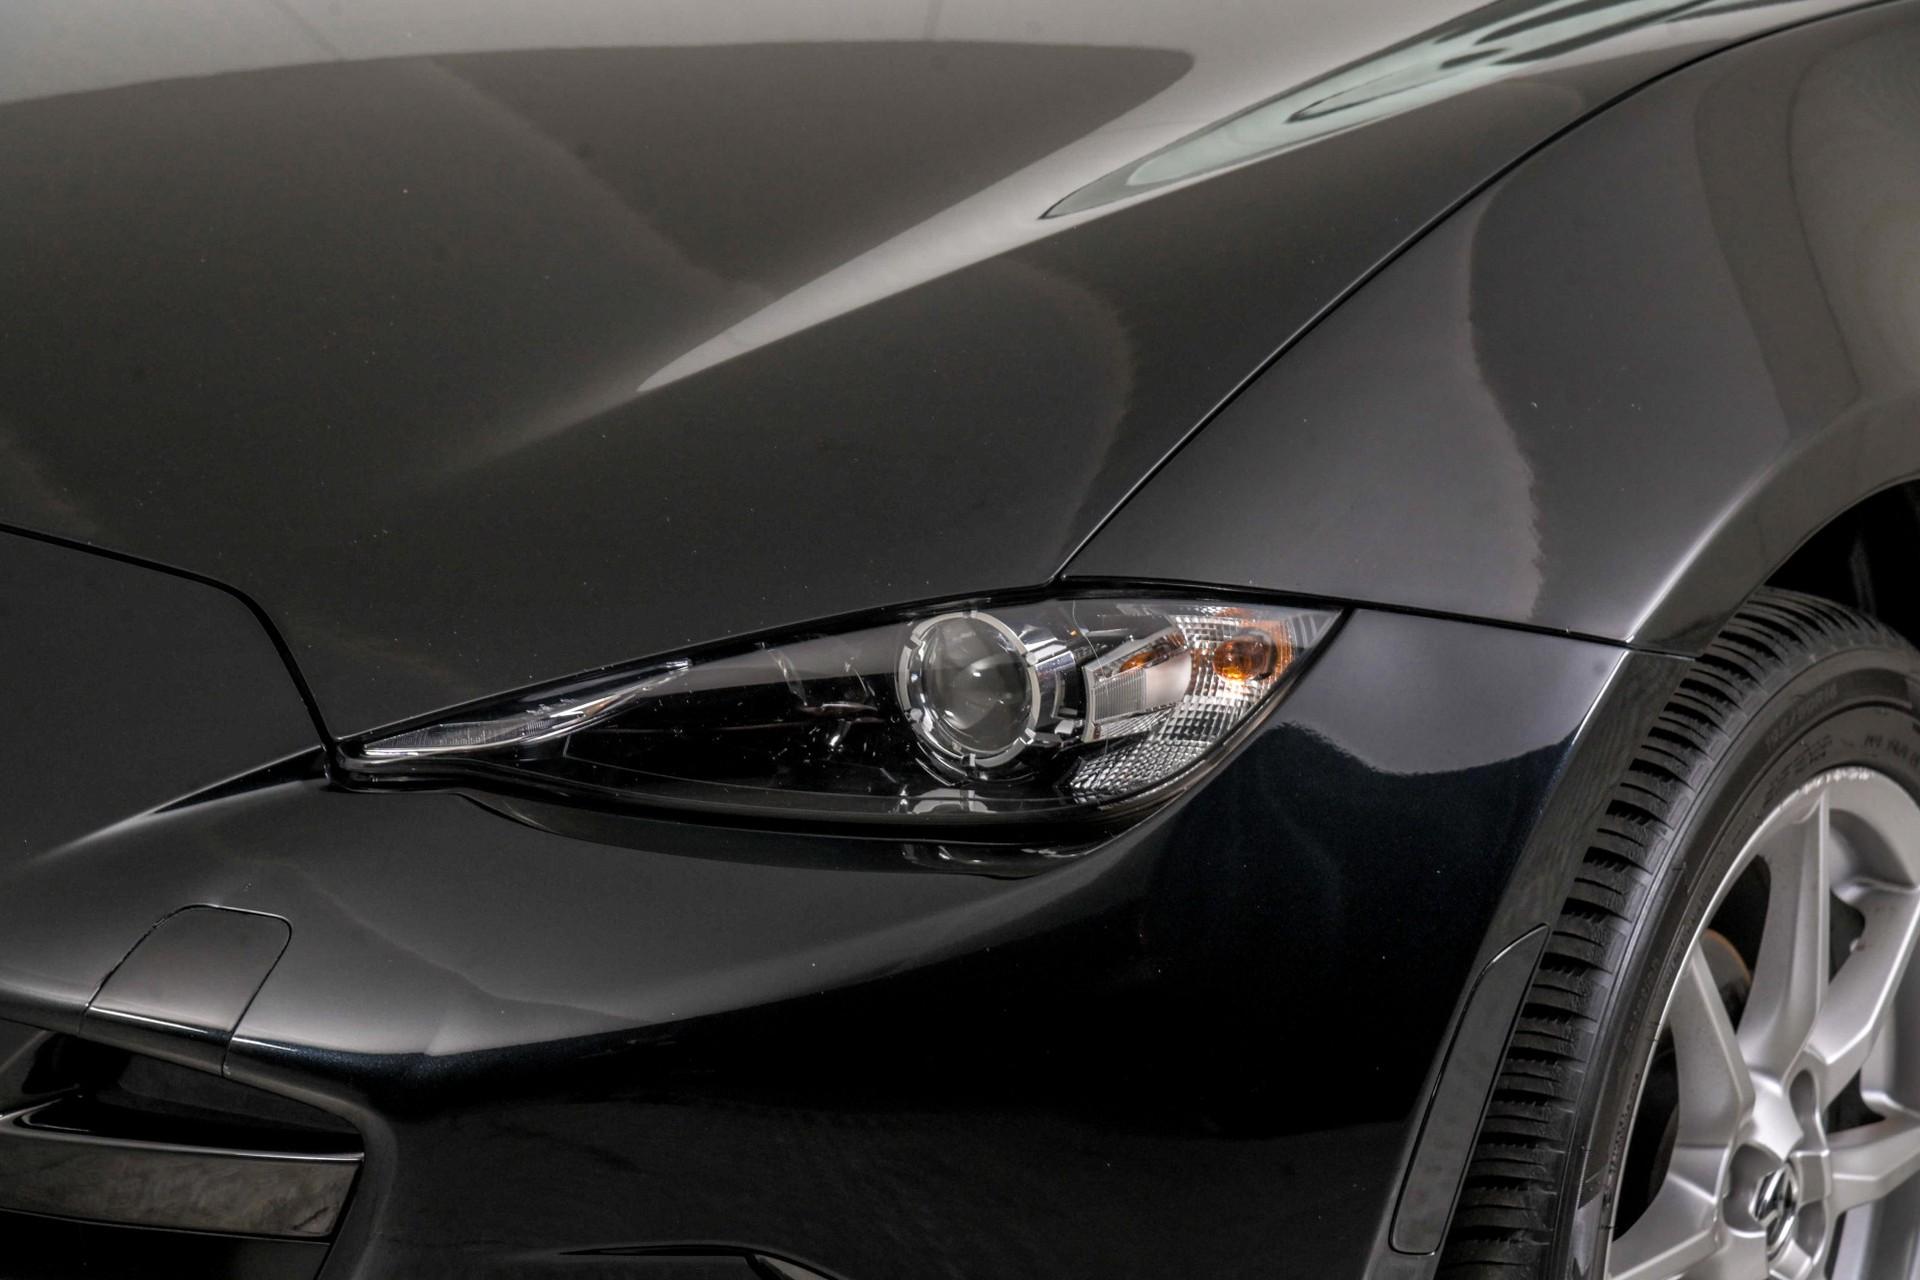 Mazda MX-5 1.5 SkyActiv-G 131 S Foto 18